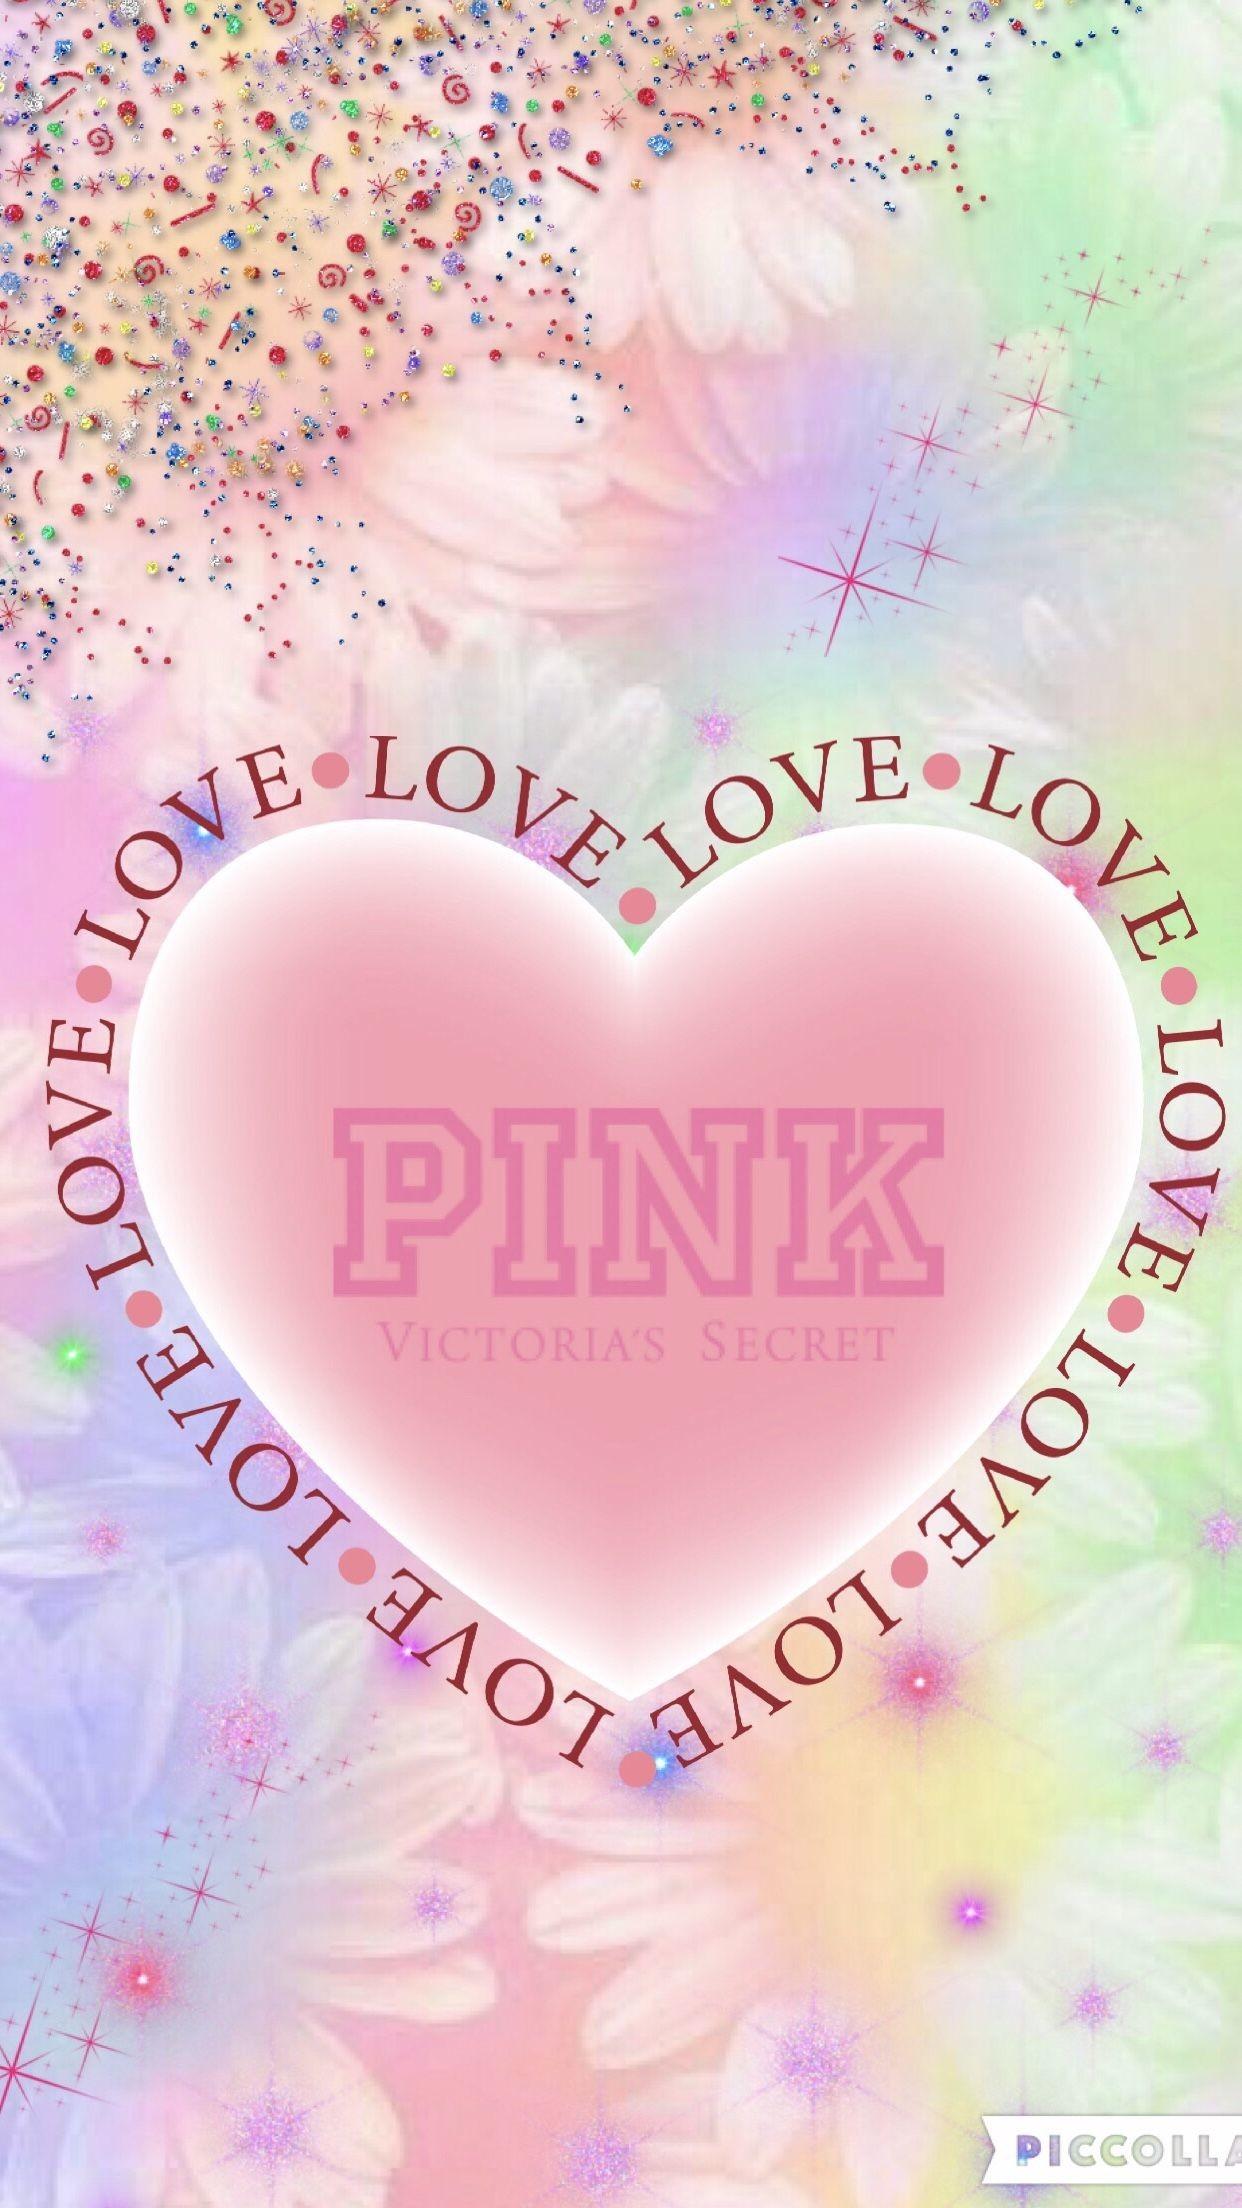 64 642207 love pink wallpaper wallpaper iphone cute heart wallpaper